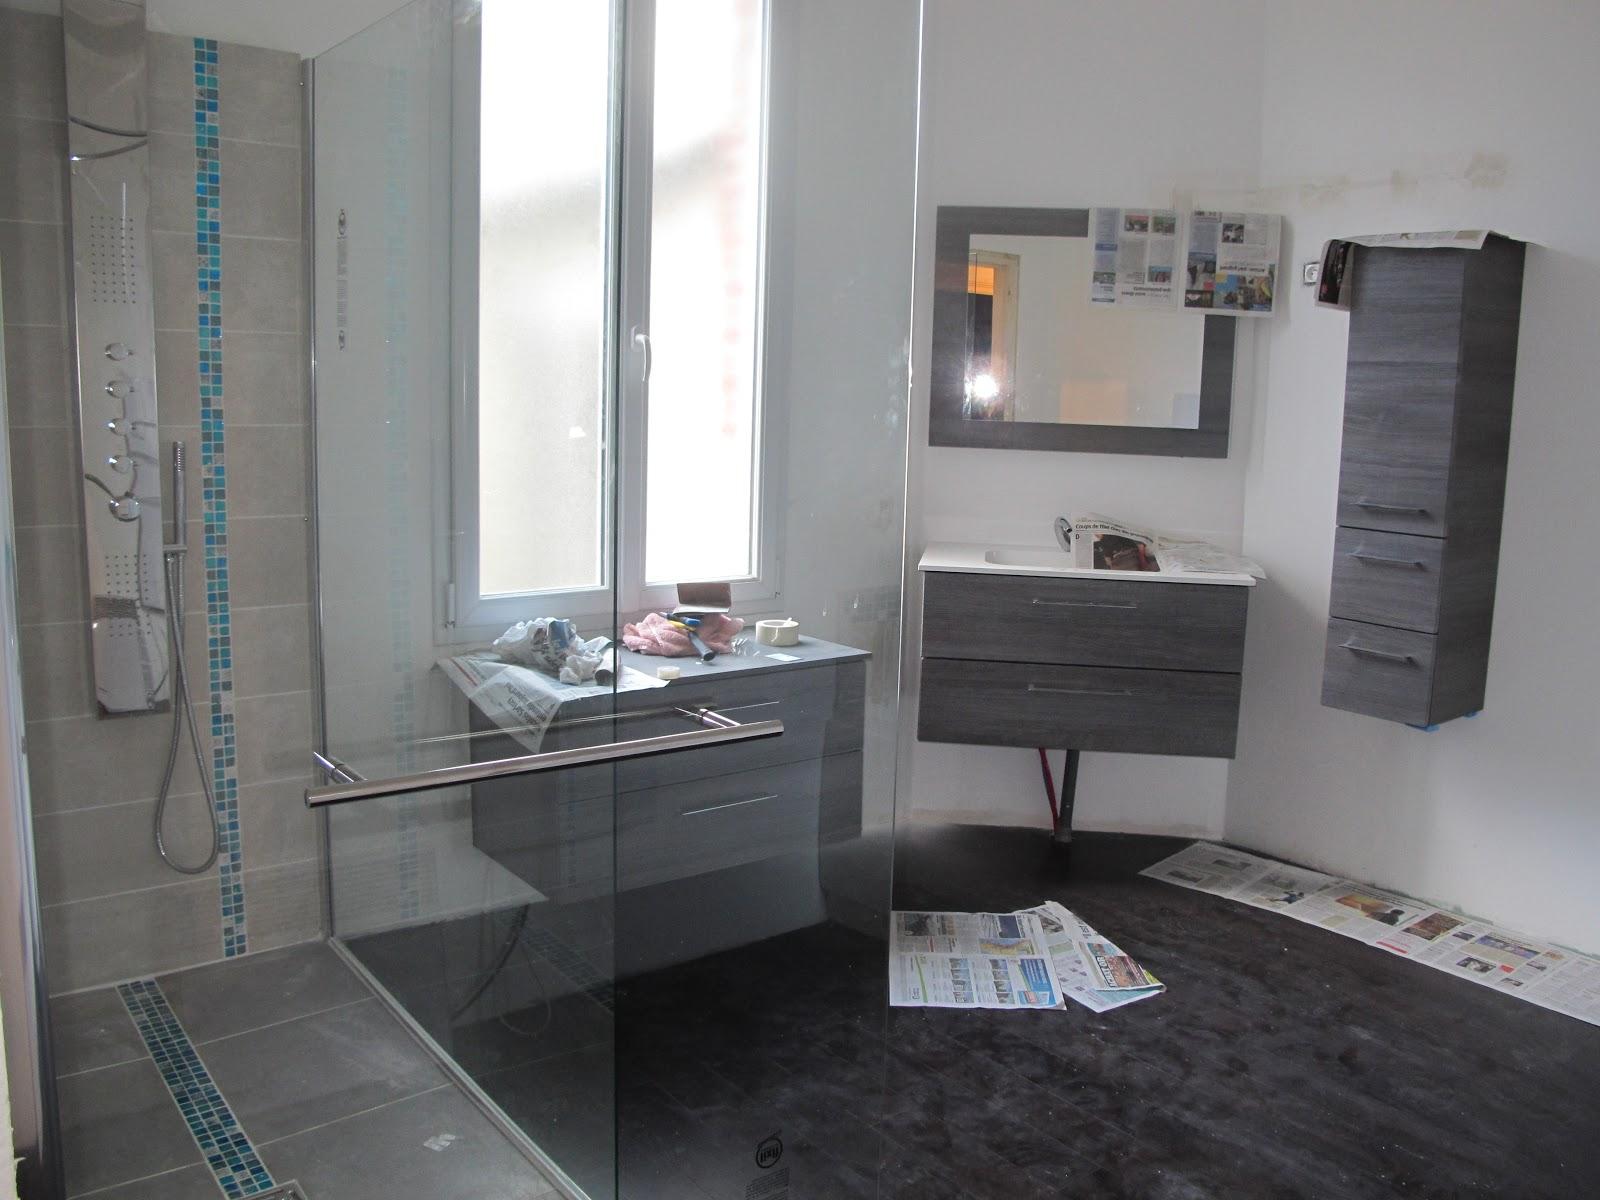 frise salle de bain horizontale ou verticale. Black Bedroom Furniture Sets. Home Design Ideas